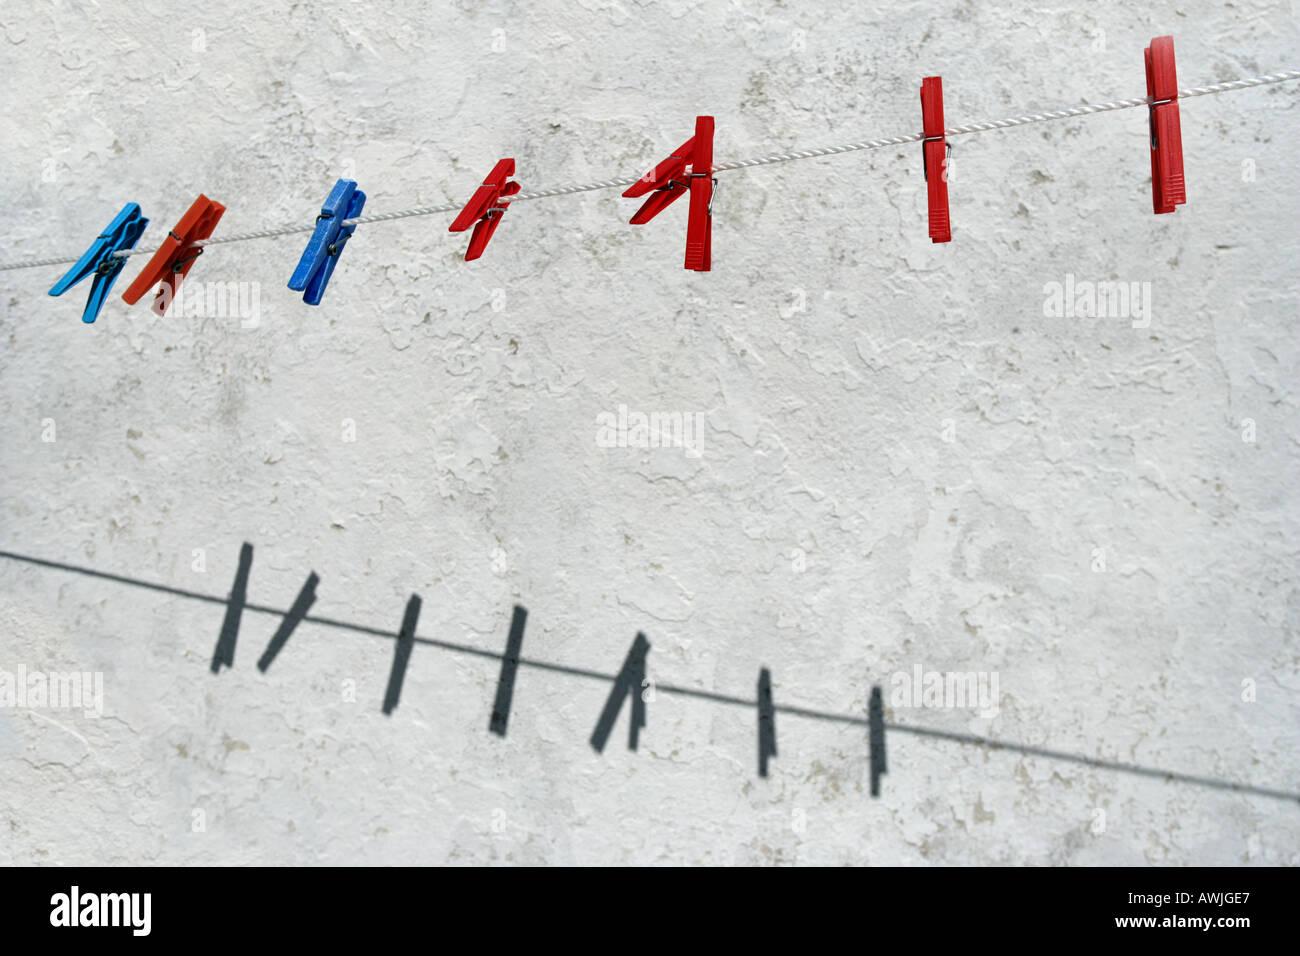 Farbige Kunststoff-Wäscheklammern von einer Wäscheleine hängen Stockbild